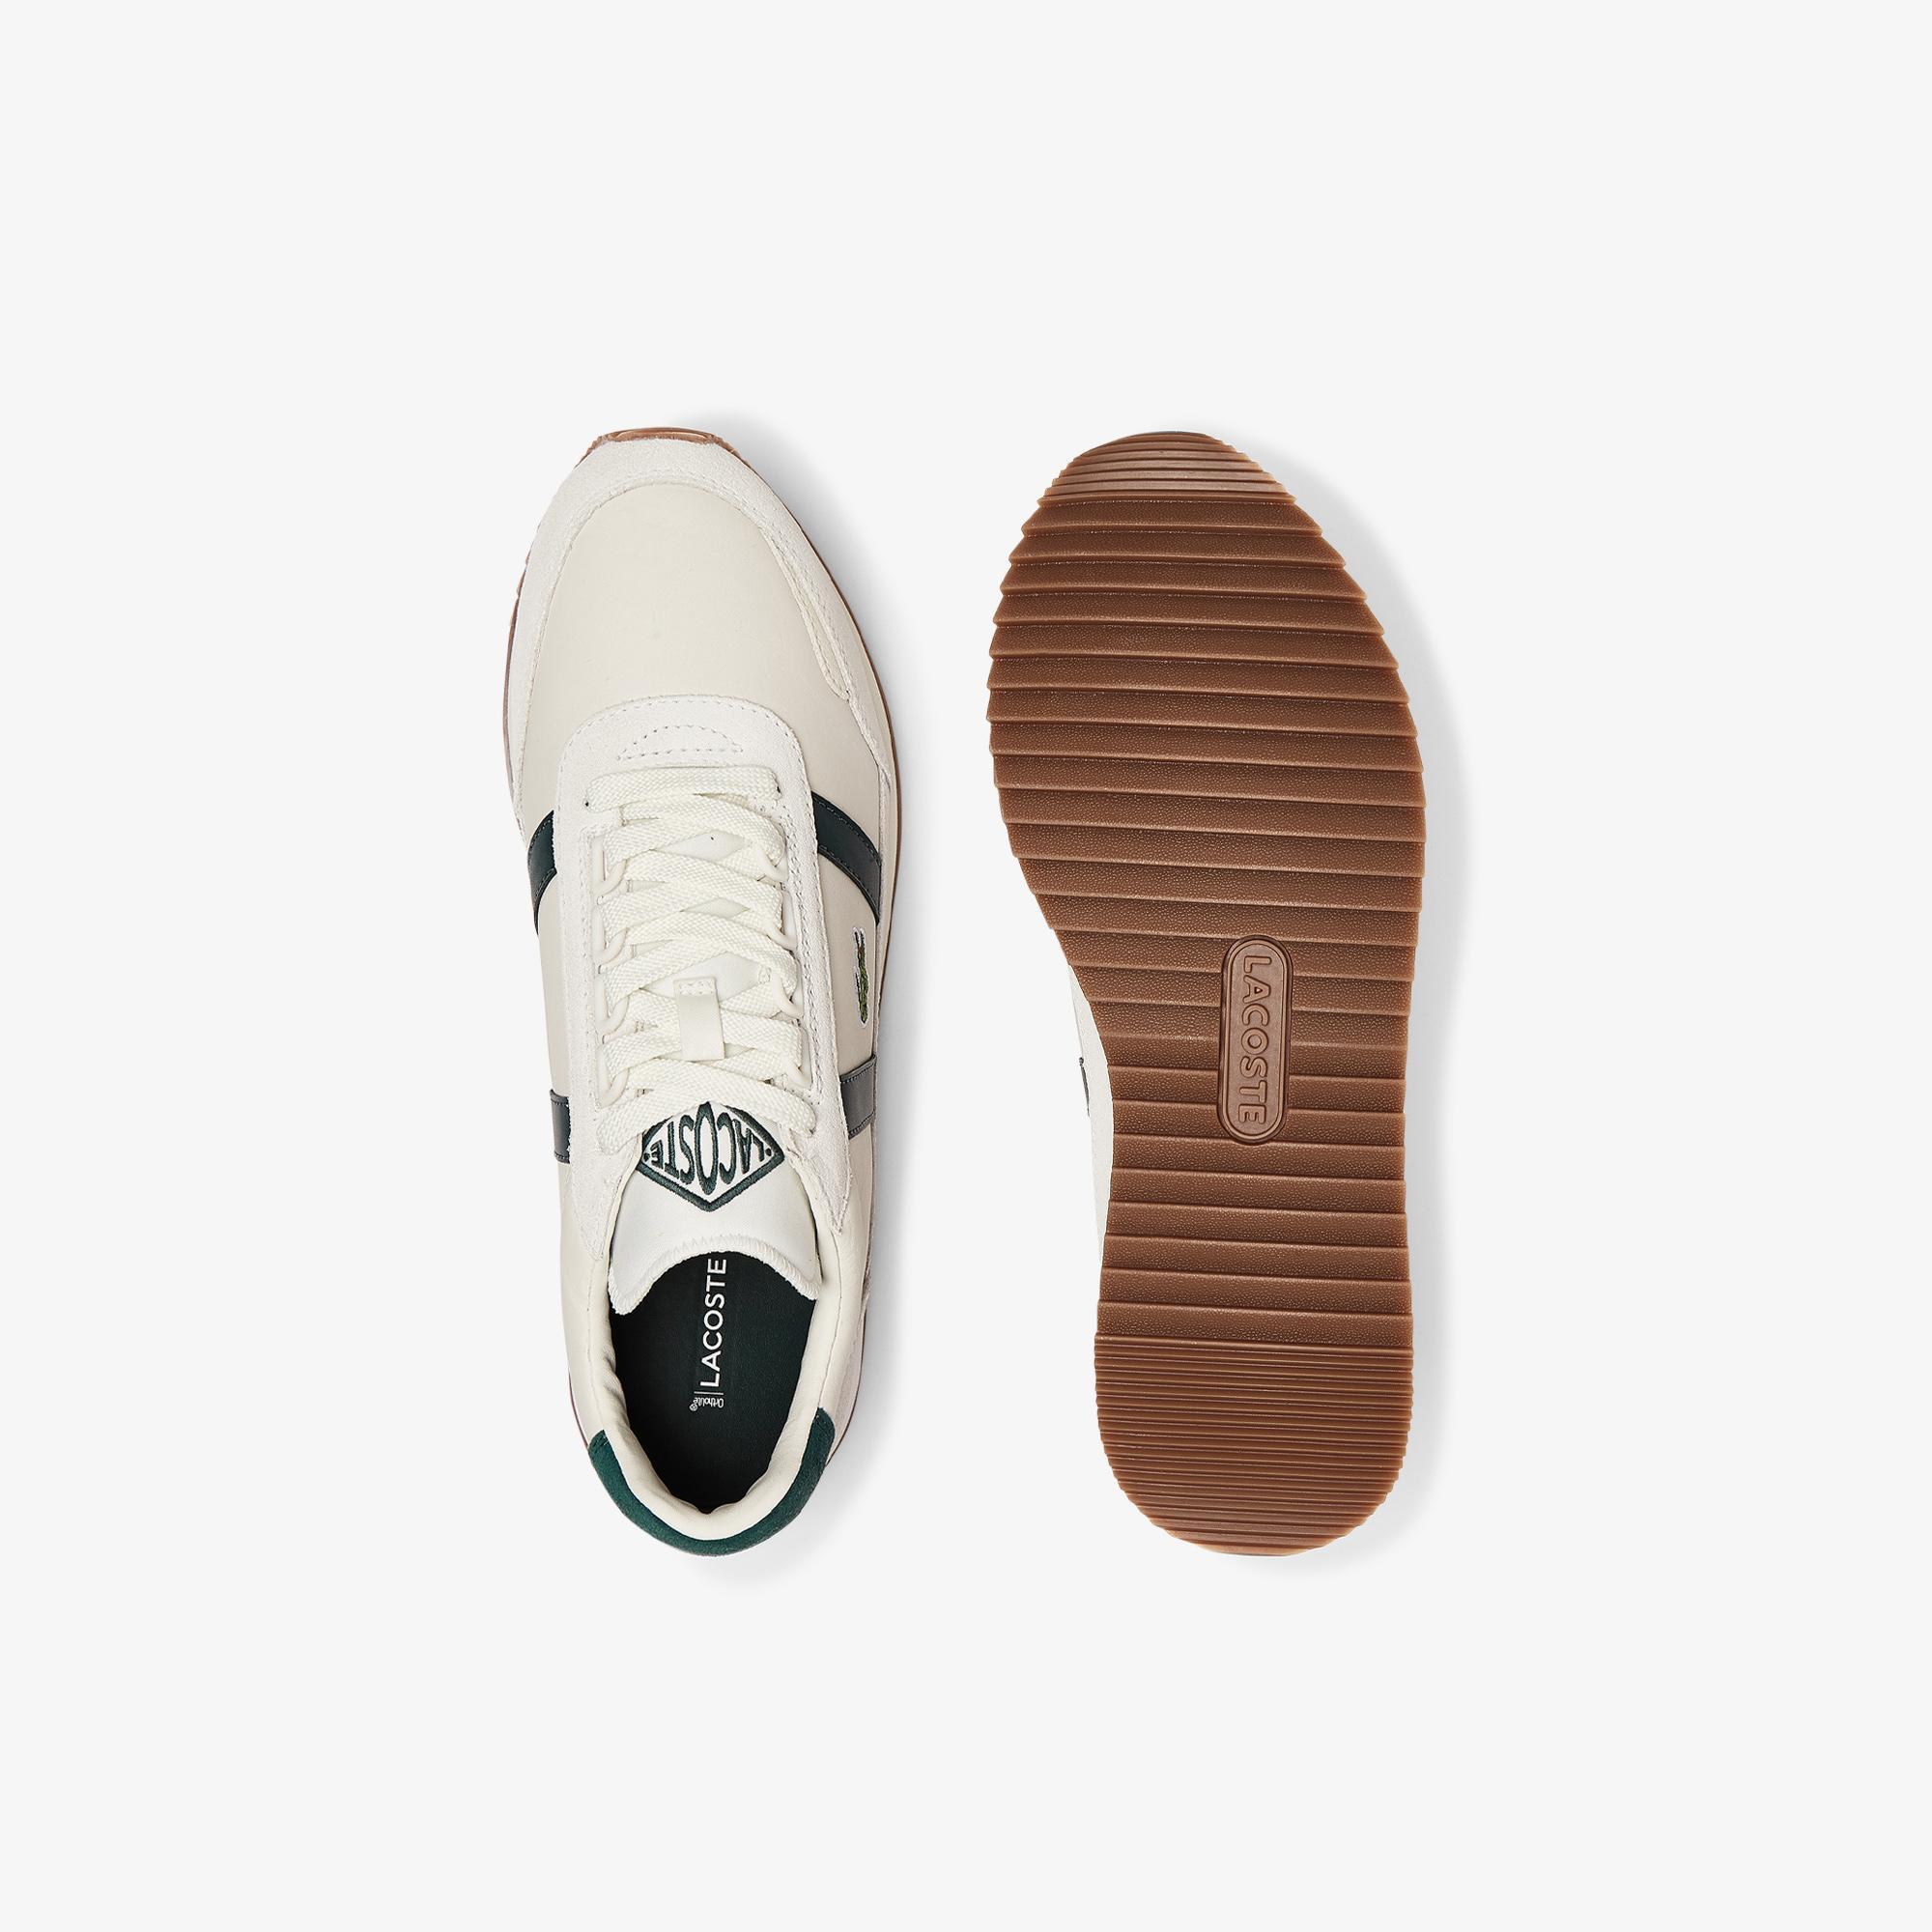 Lacoste Partner Retro 0721 1 Sma Erkek Beyaz - Koyu Yeşil Sneaker